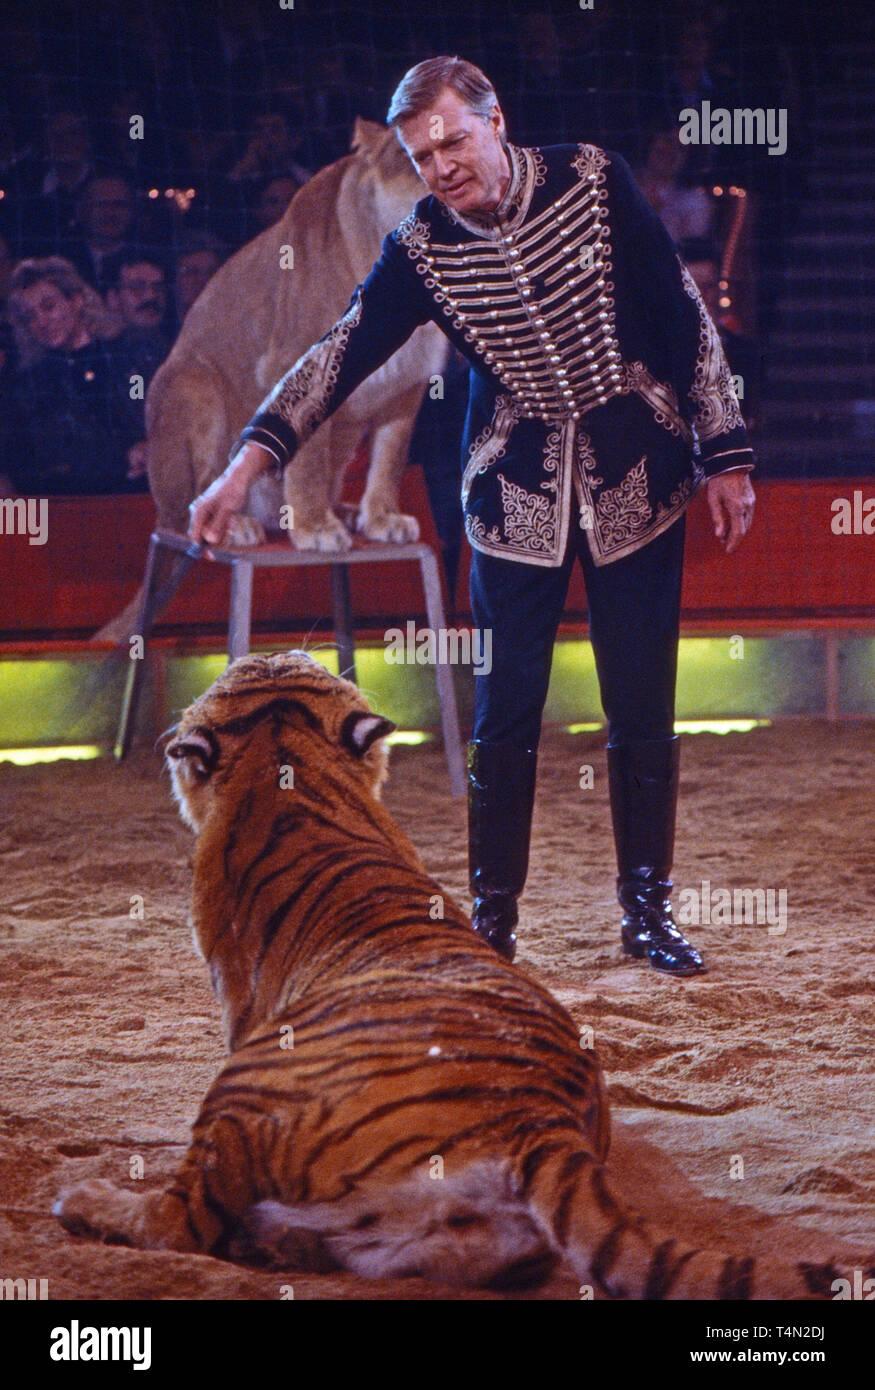 Karlheinz Böhm, österreichischer Schauspieler, bei der Tigerdressur in der Zirkussendung 'Stars in der Manege', Deutschland 1986. Austrian actor Karlheinz Boehm with tiger in a circus TV show, Germany 1986. - Stock Image